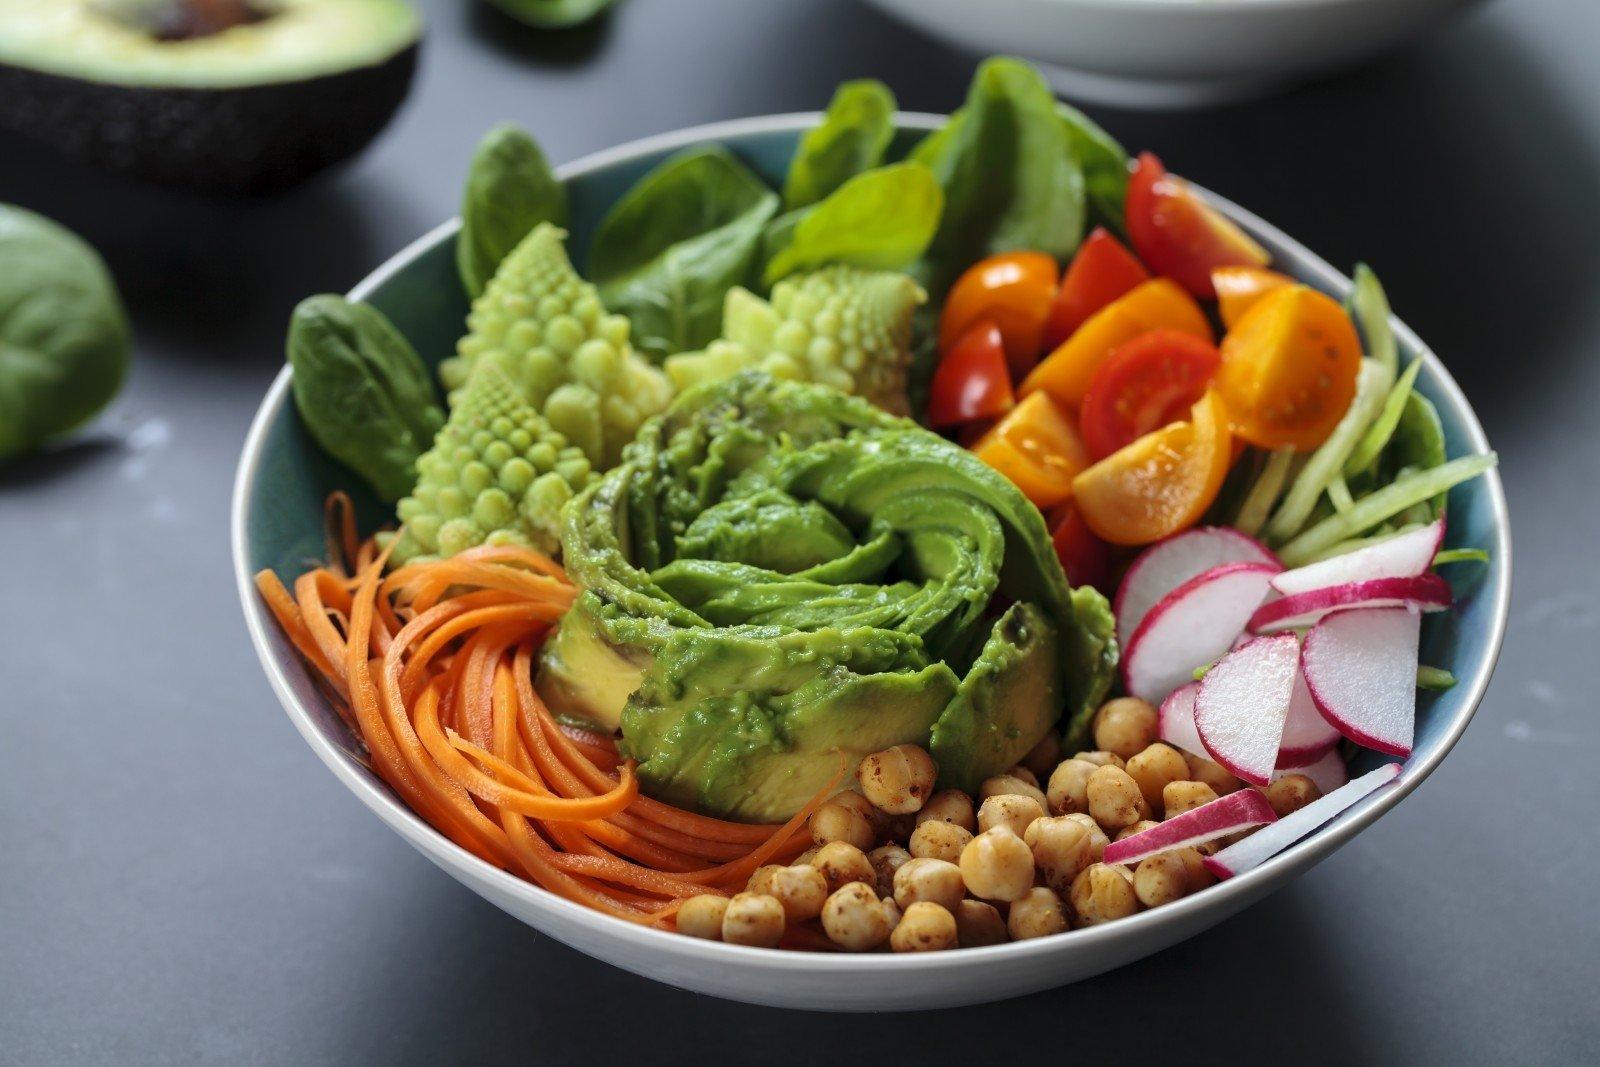 Ar Paleo dieta yra naudinga širdies sveikatai? - Mityba